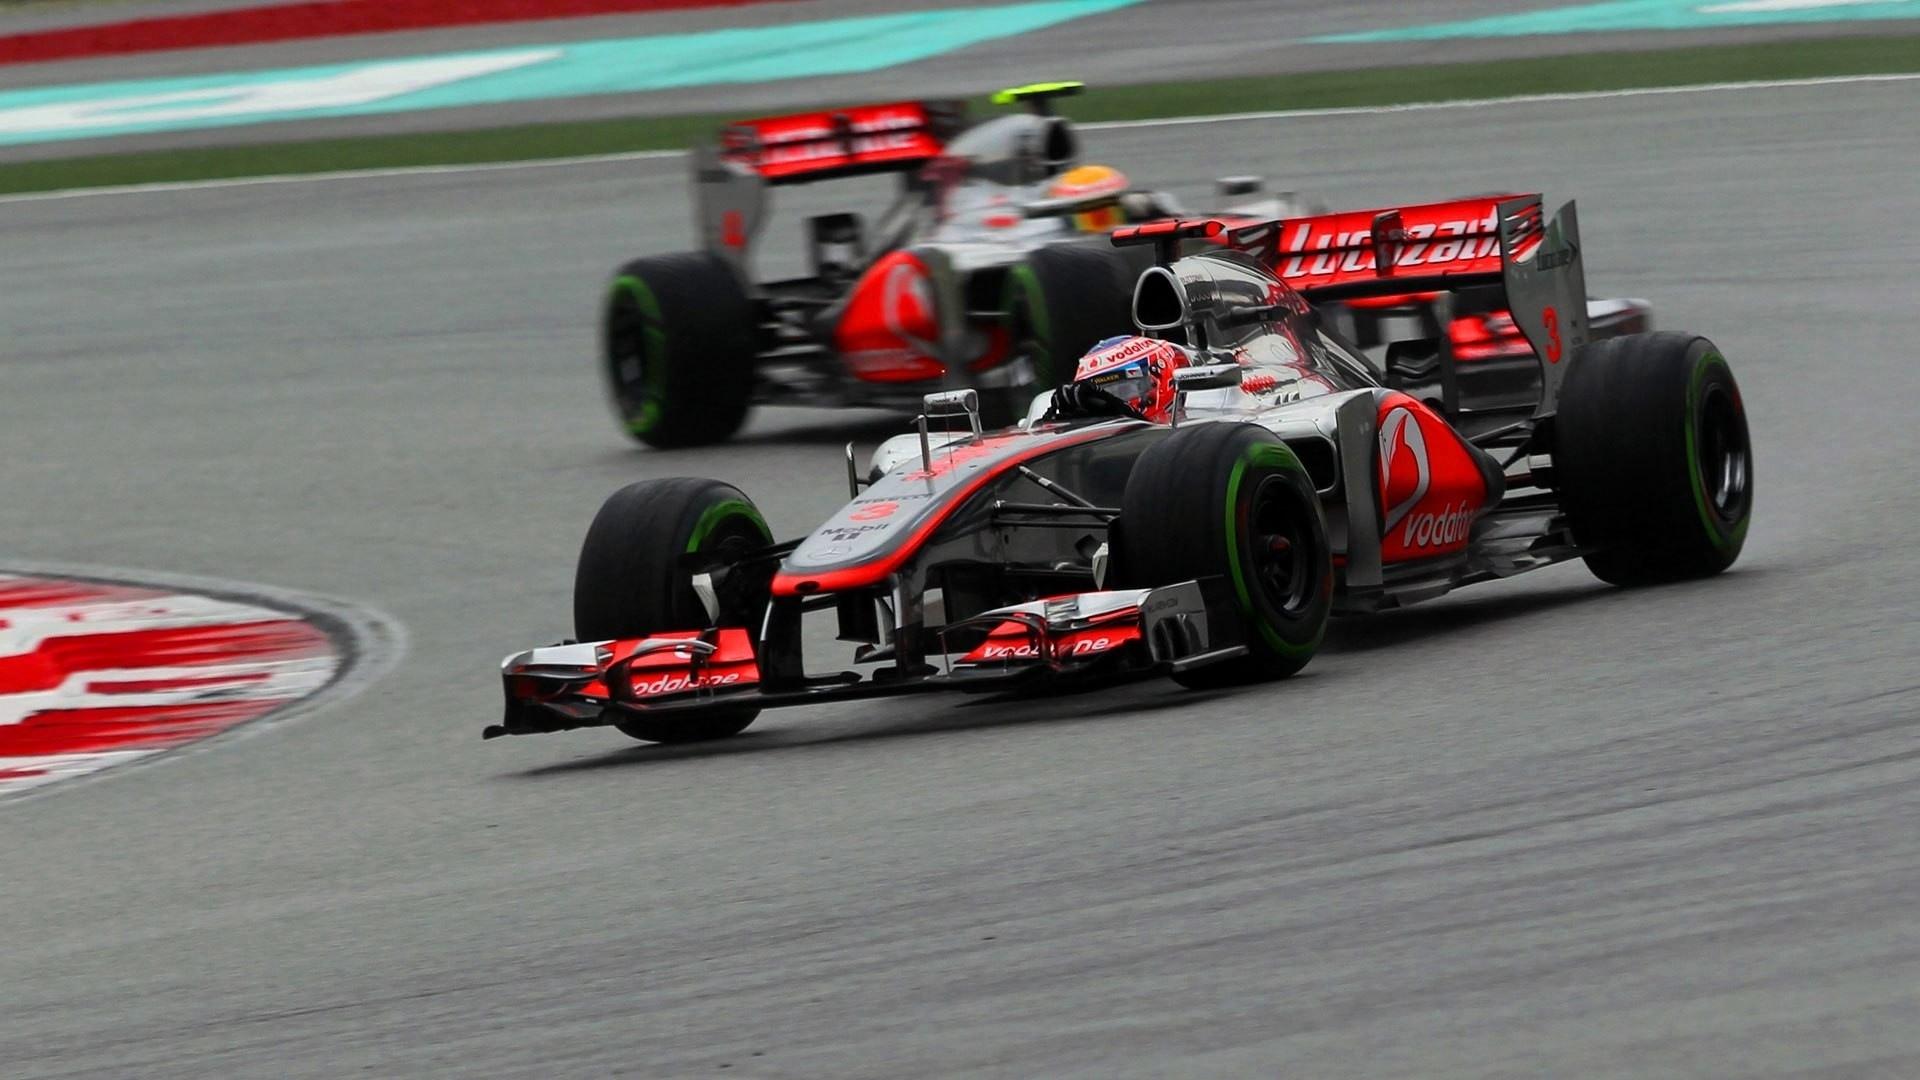 49645 скачать обои Спорт, Транспорт, Машины, Формула-1 (Formula-1, F1) - заставки и картинки бесплатно